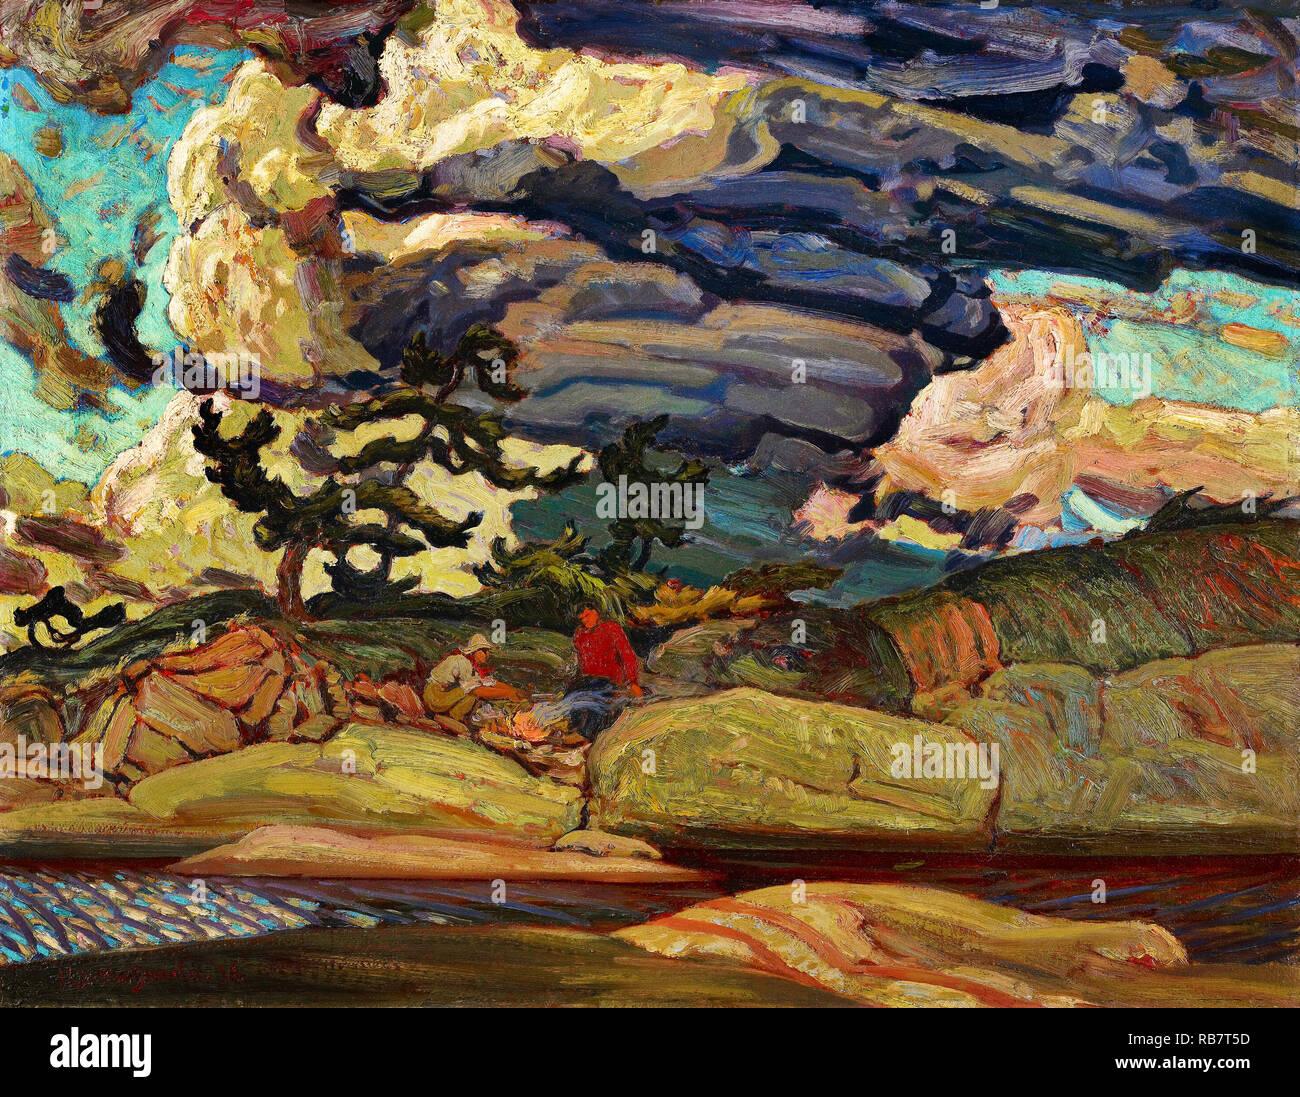 J.E.H. MacDonald, gli elementi 1916 olio su tela, Galleria d'Arte di Ontario, Toronto, Canada. Immagini Stock